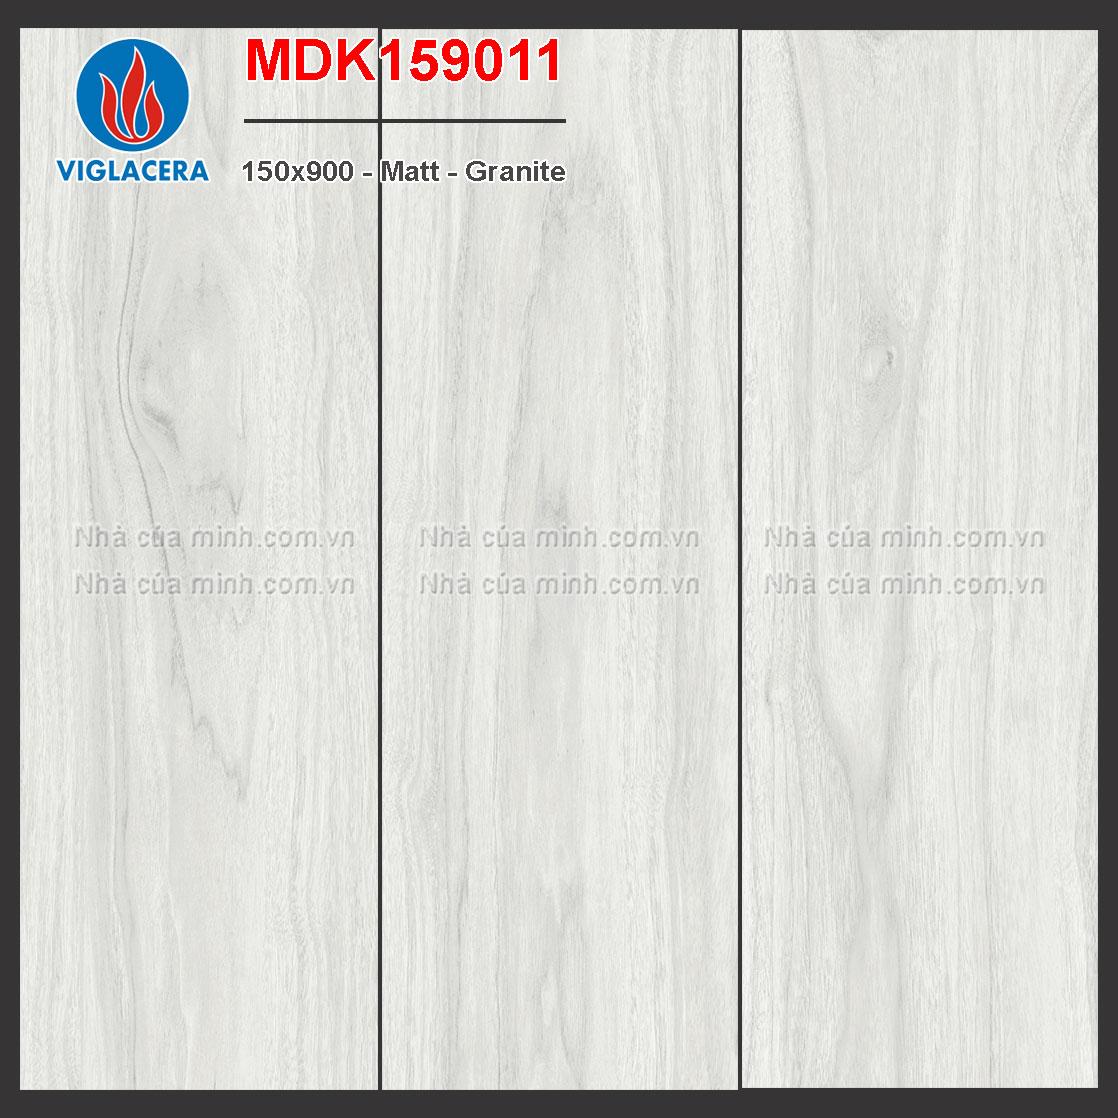 Gạch giả gỗ 150x900 Viglacera MDK159011 giá rẻ